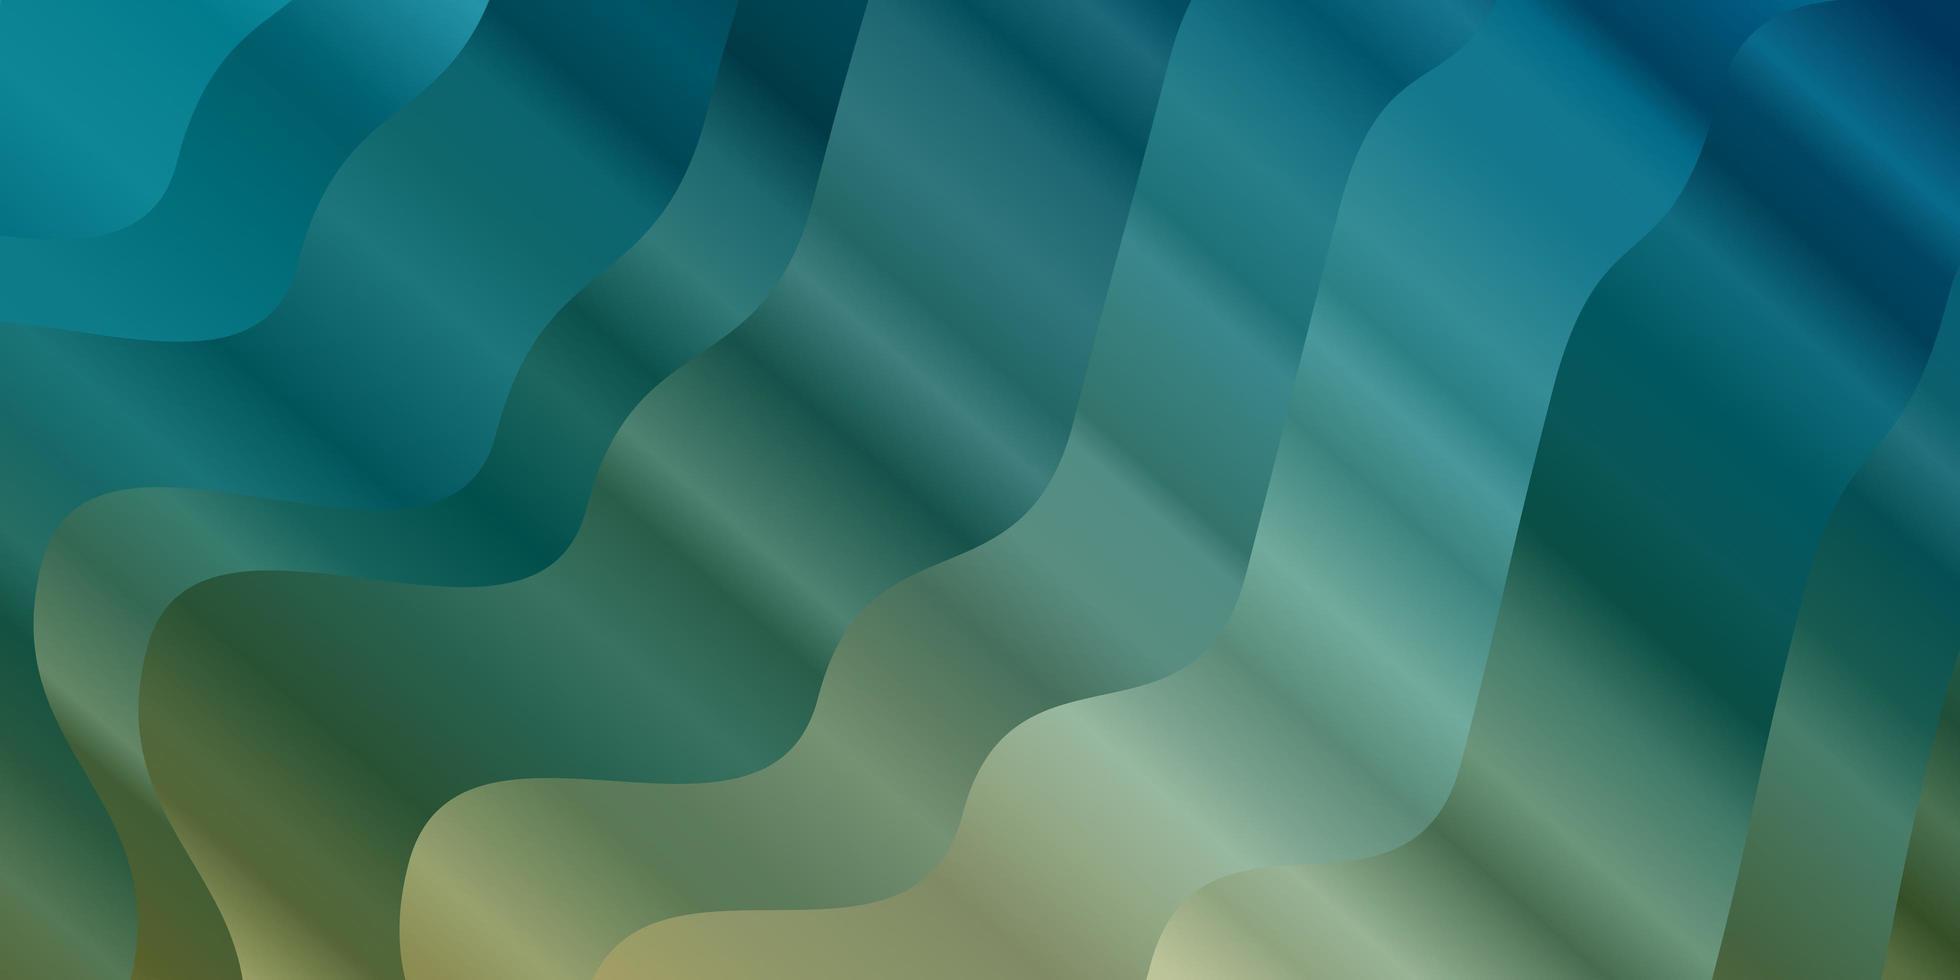 pano de fundo azul claro e amarelo com arco circular. vetor